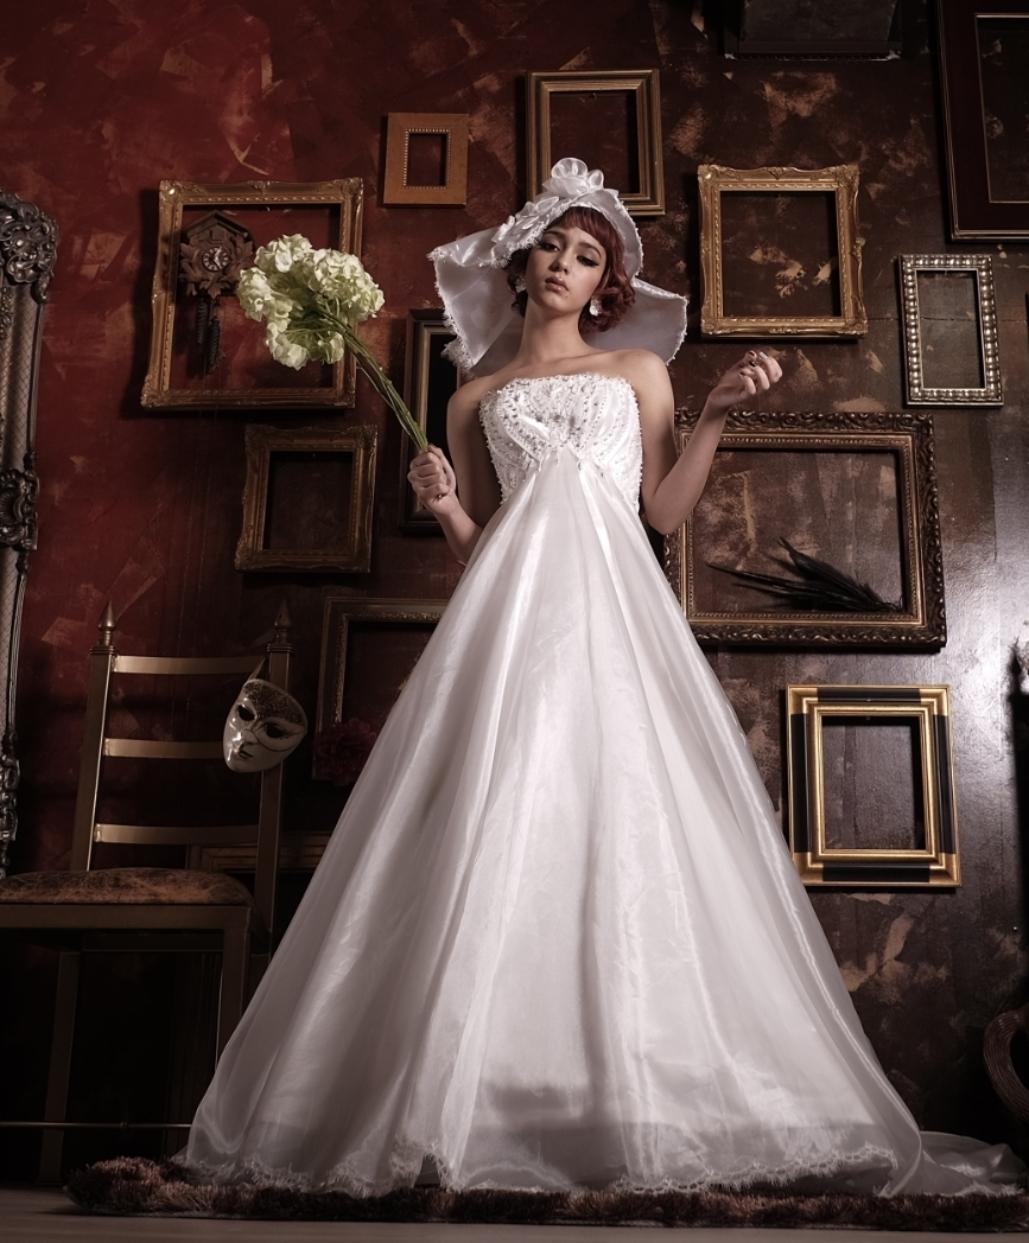 パールの様な程良い輝きのサテンオーガンジーを使ったAラインドレス